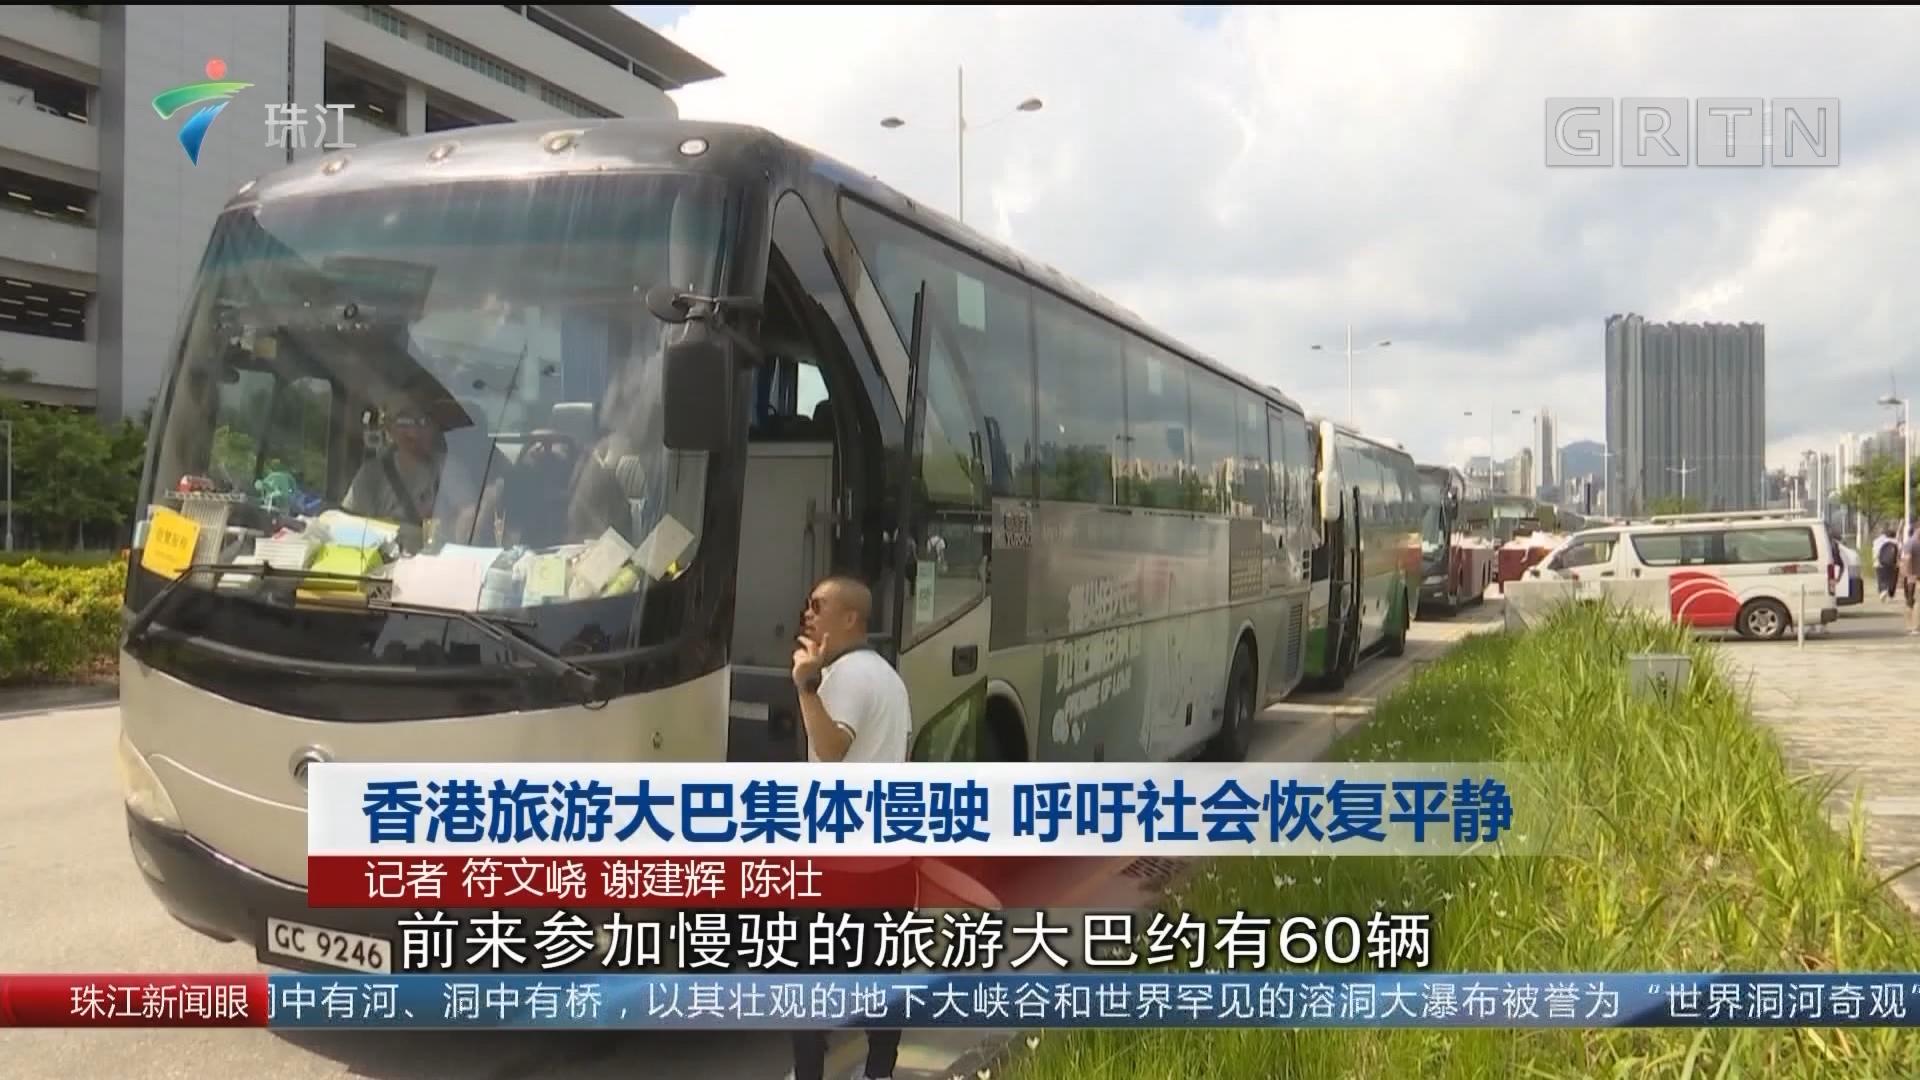 香港旅游大巴集体慢驶 呼吁社会恢复平静